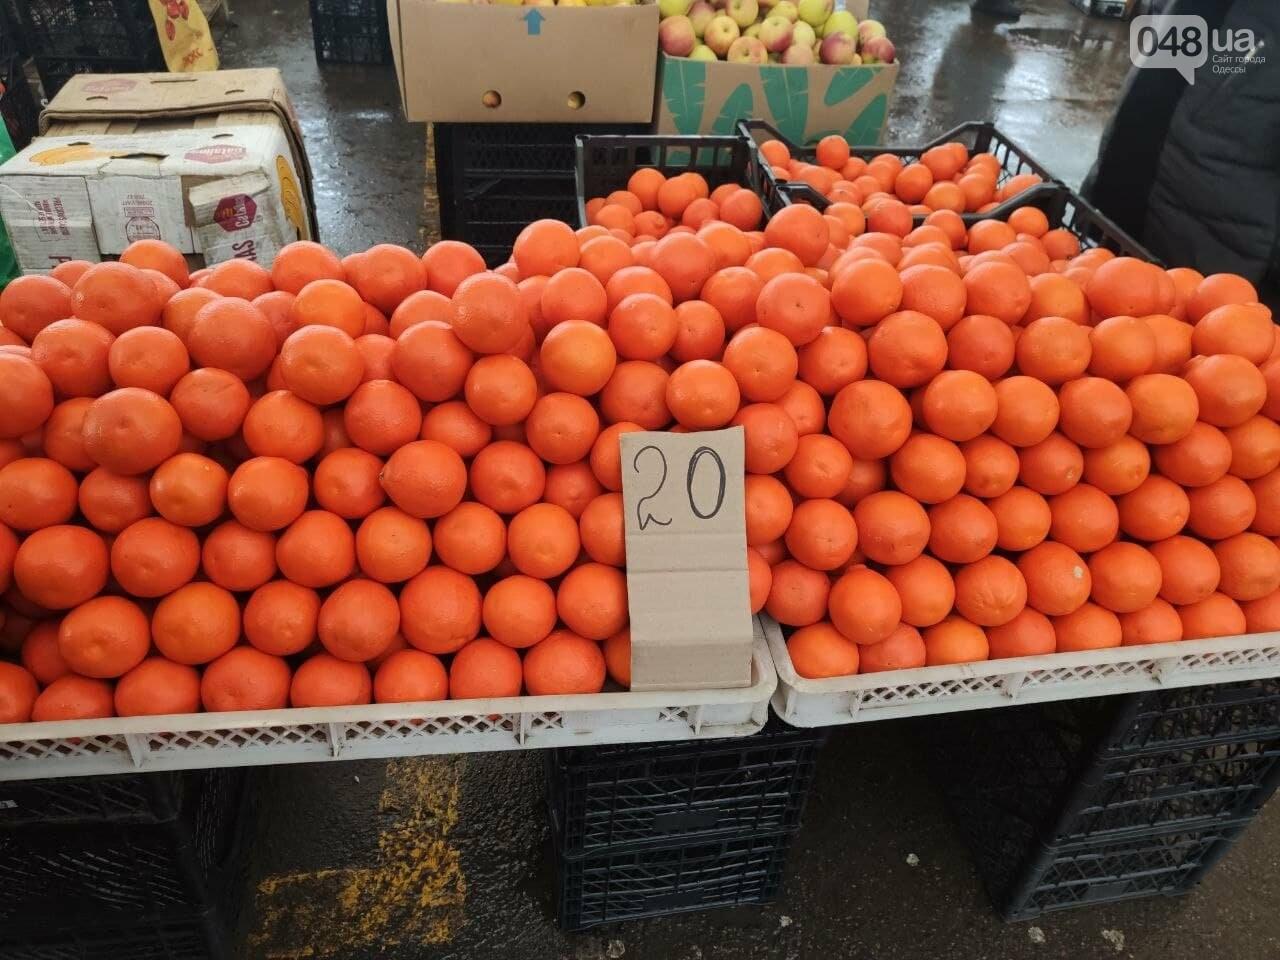 Грейпфрут, груши, вешенки: почем на одесском Привозе овощи и фрукты, - ФОТО, фото-3